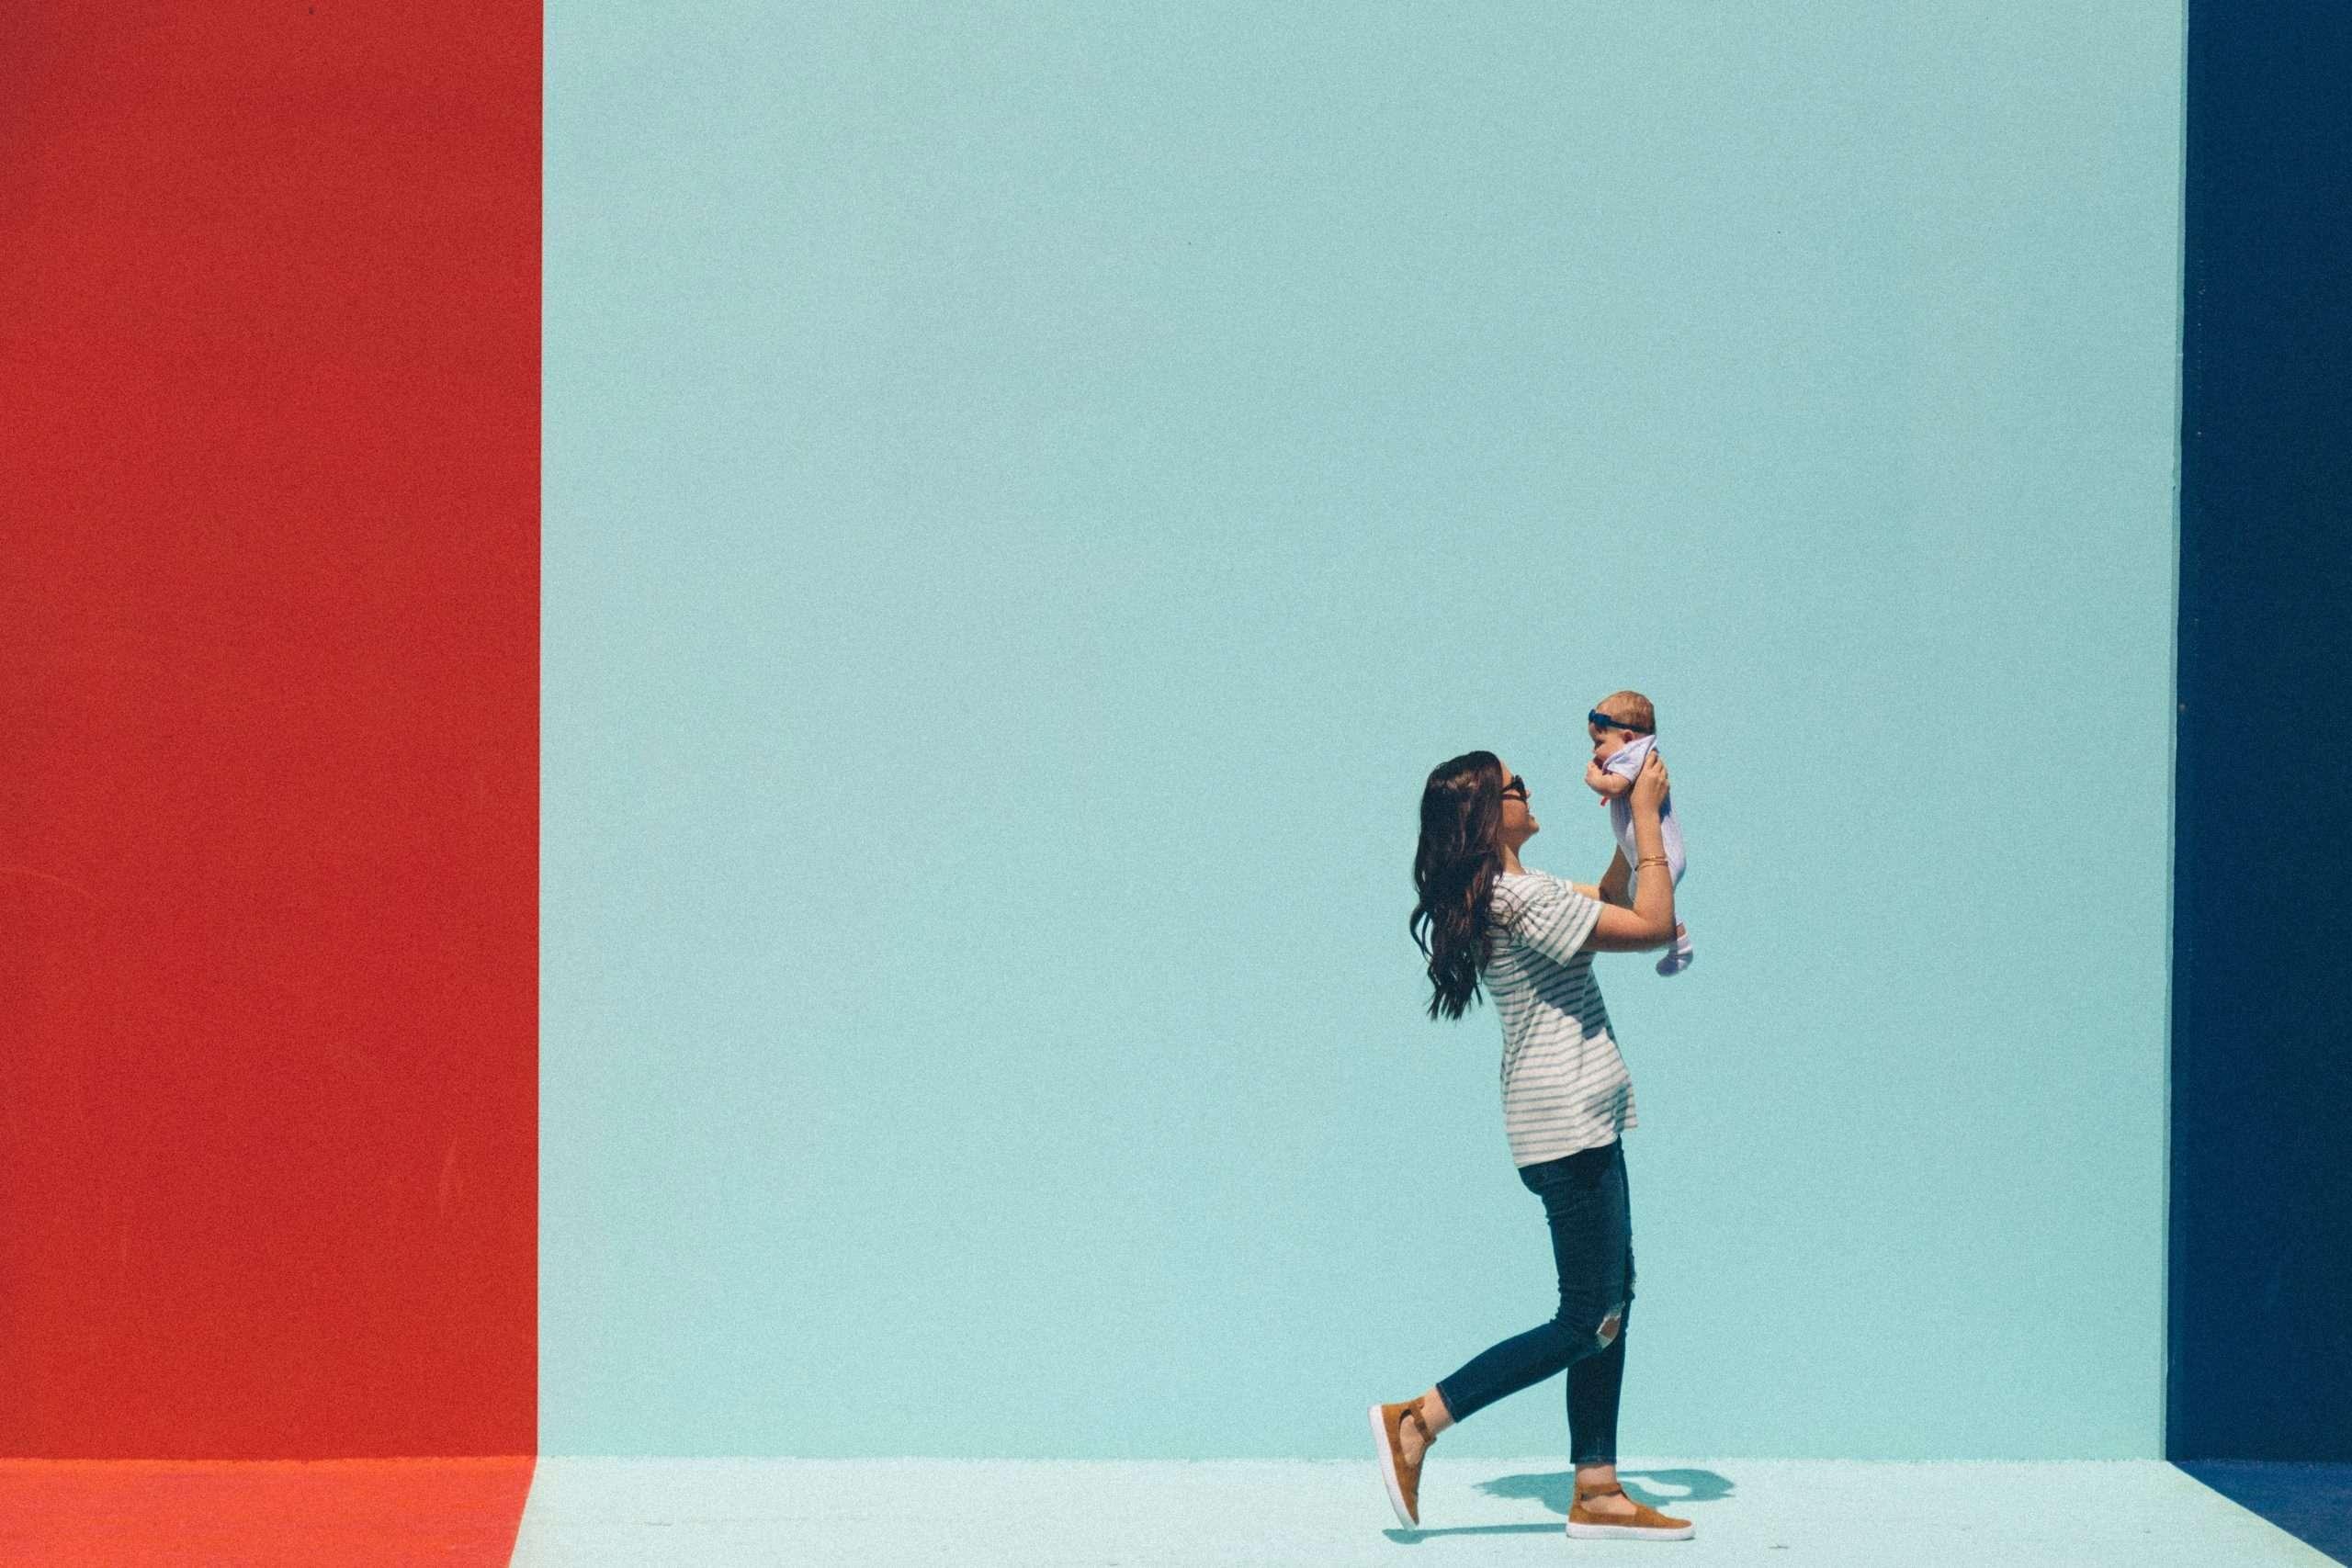 Frau mit Baby geht nach rechts